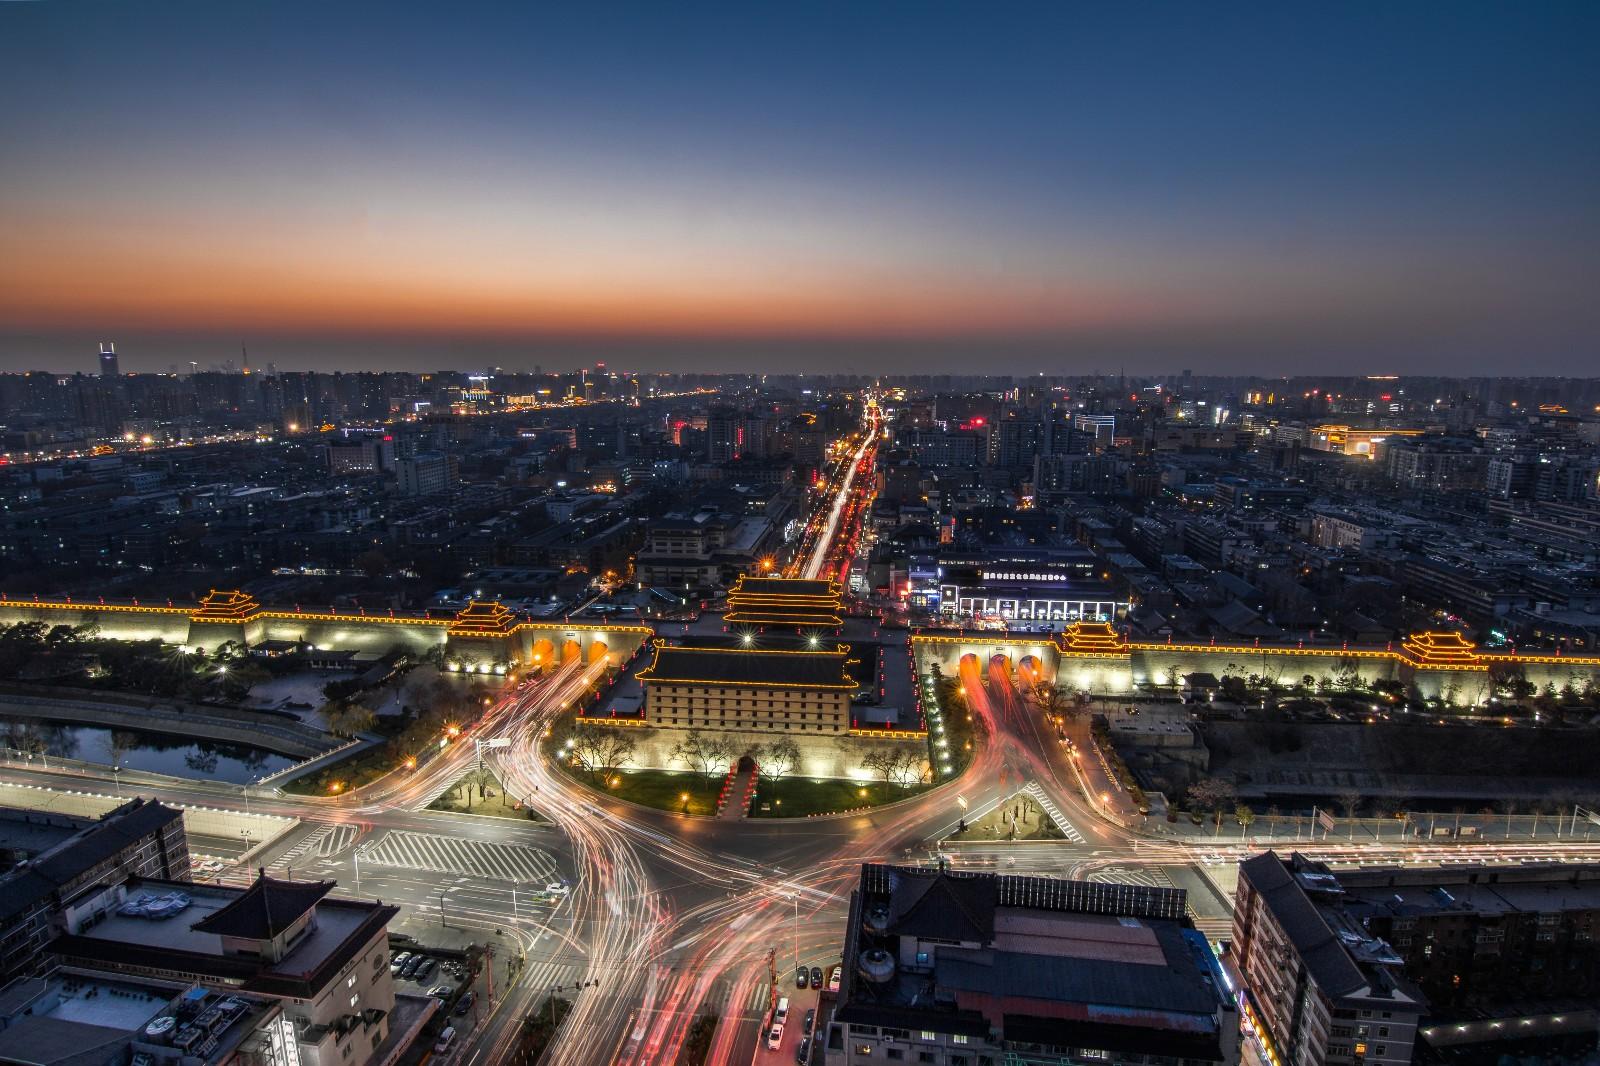 天津市代理记账公司共享用以招待和送礼的酒类怎样开展税务总局解决